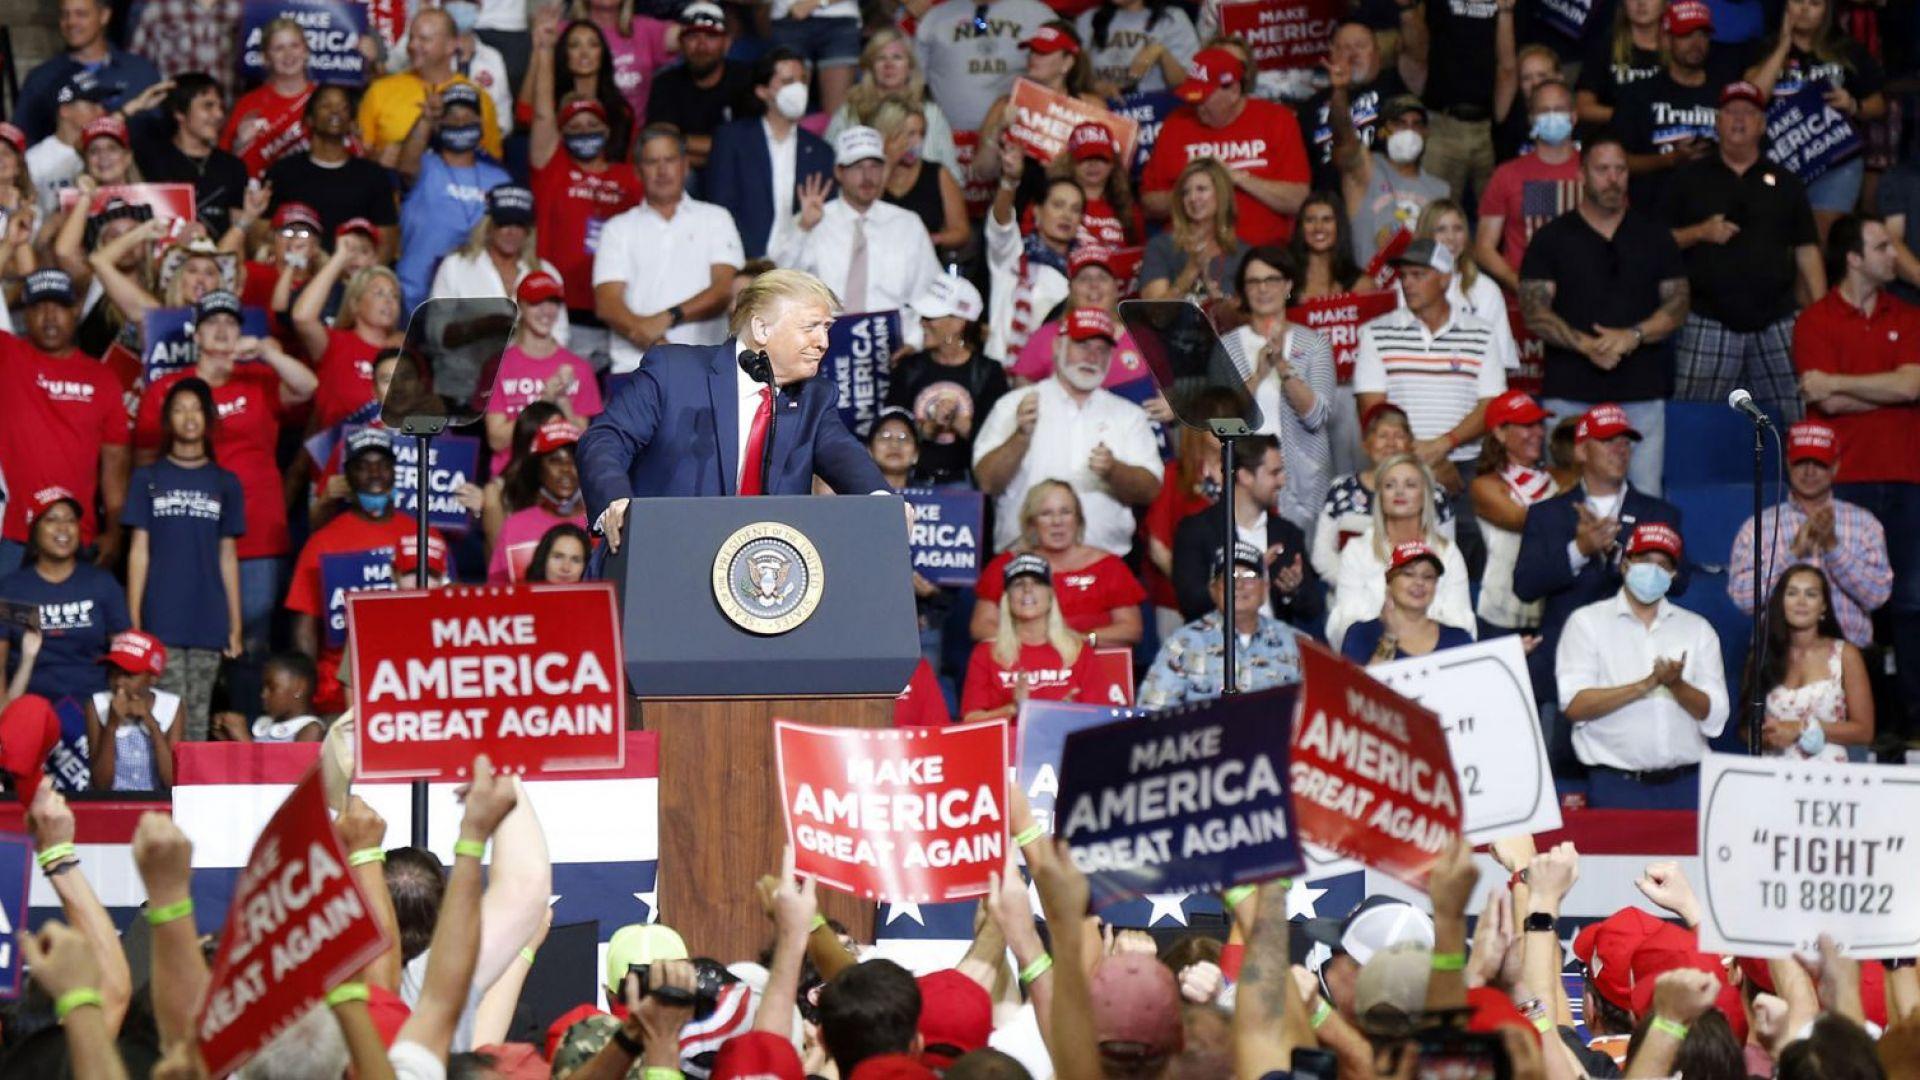 Доналд Тръмп: Откачената крайнолява паплач иска да унищожи наследството на САЩ